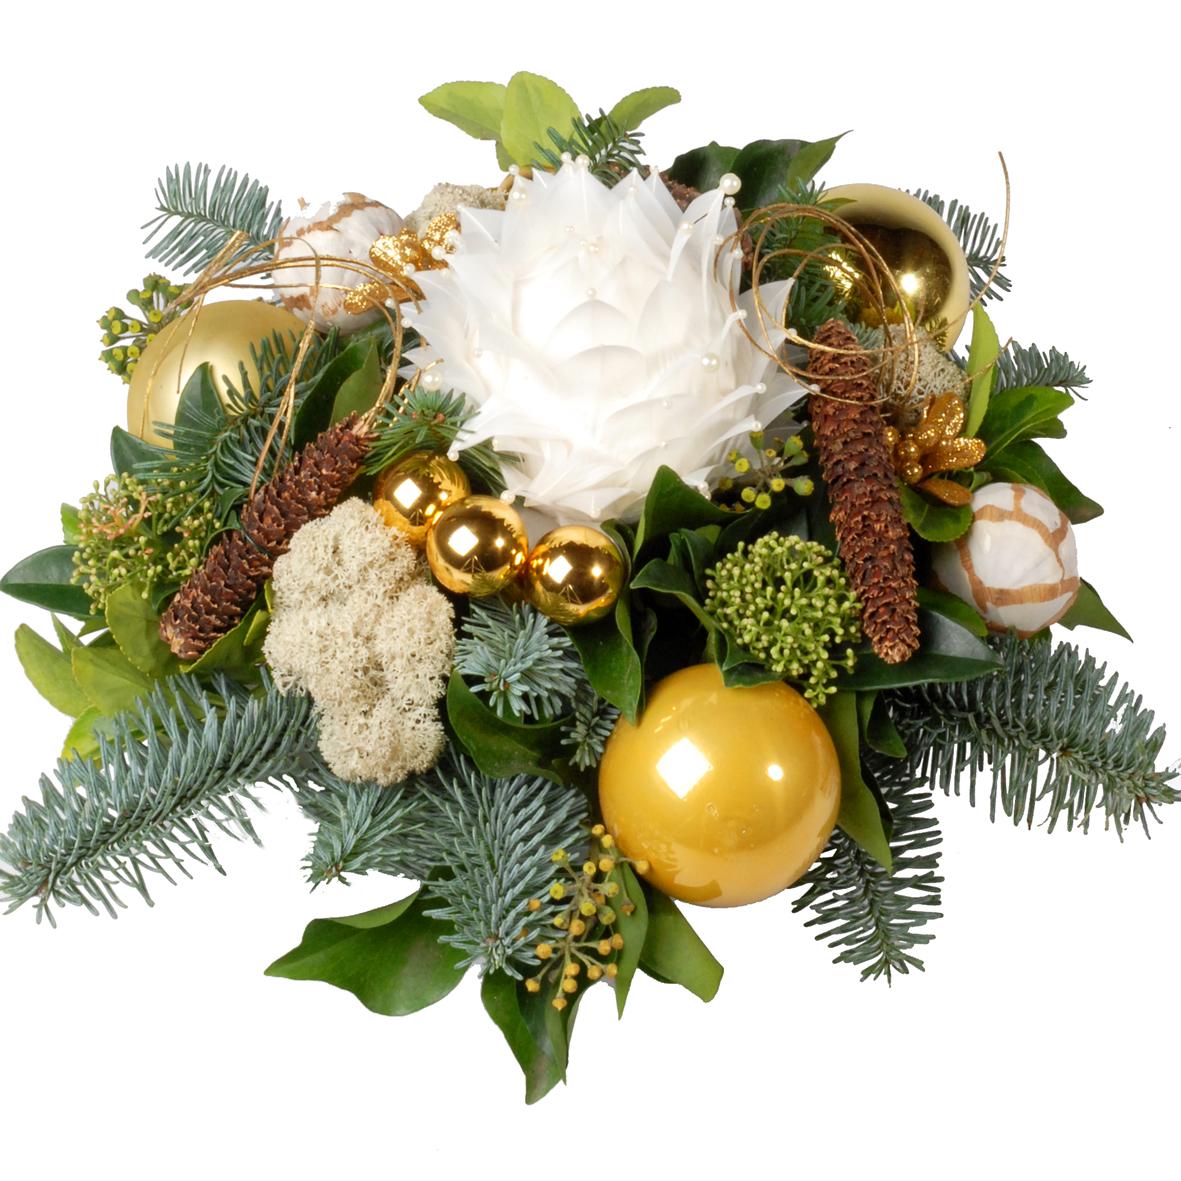 Kerststuk wit goud bestellen